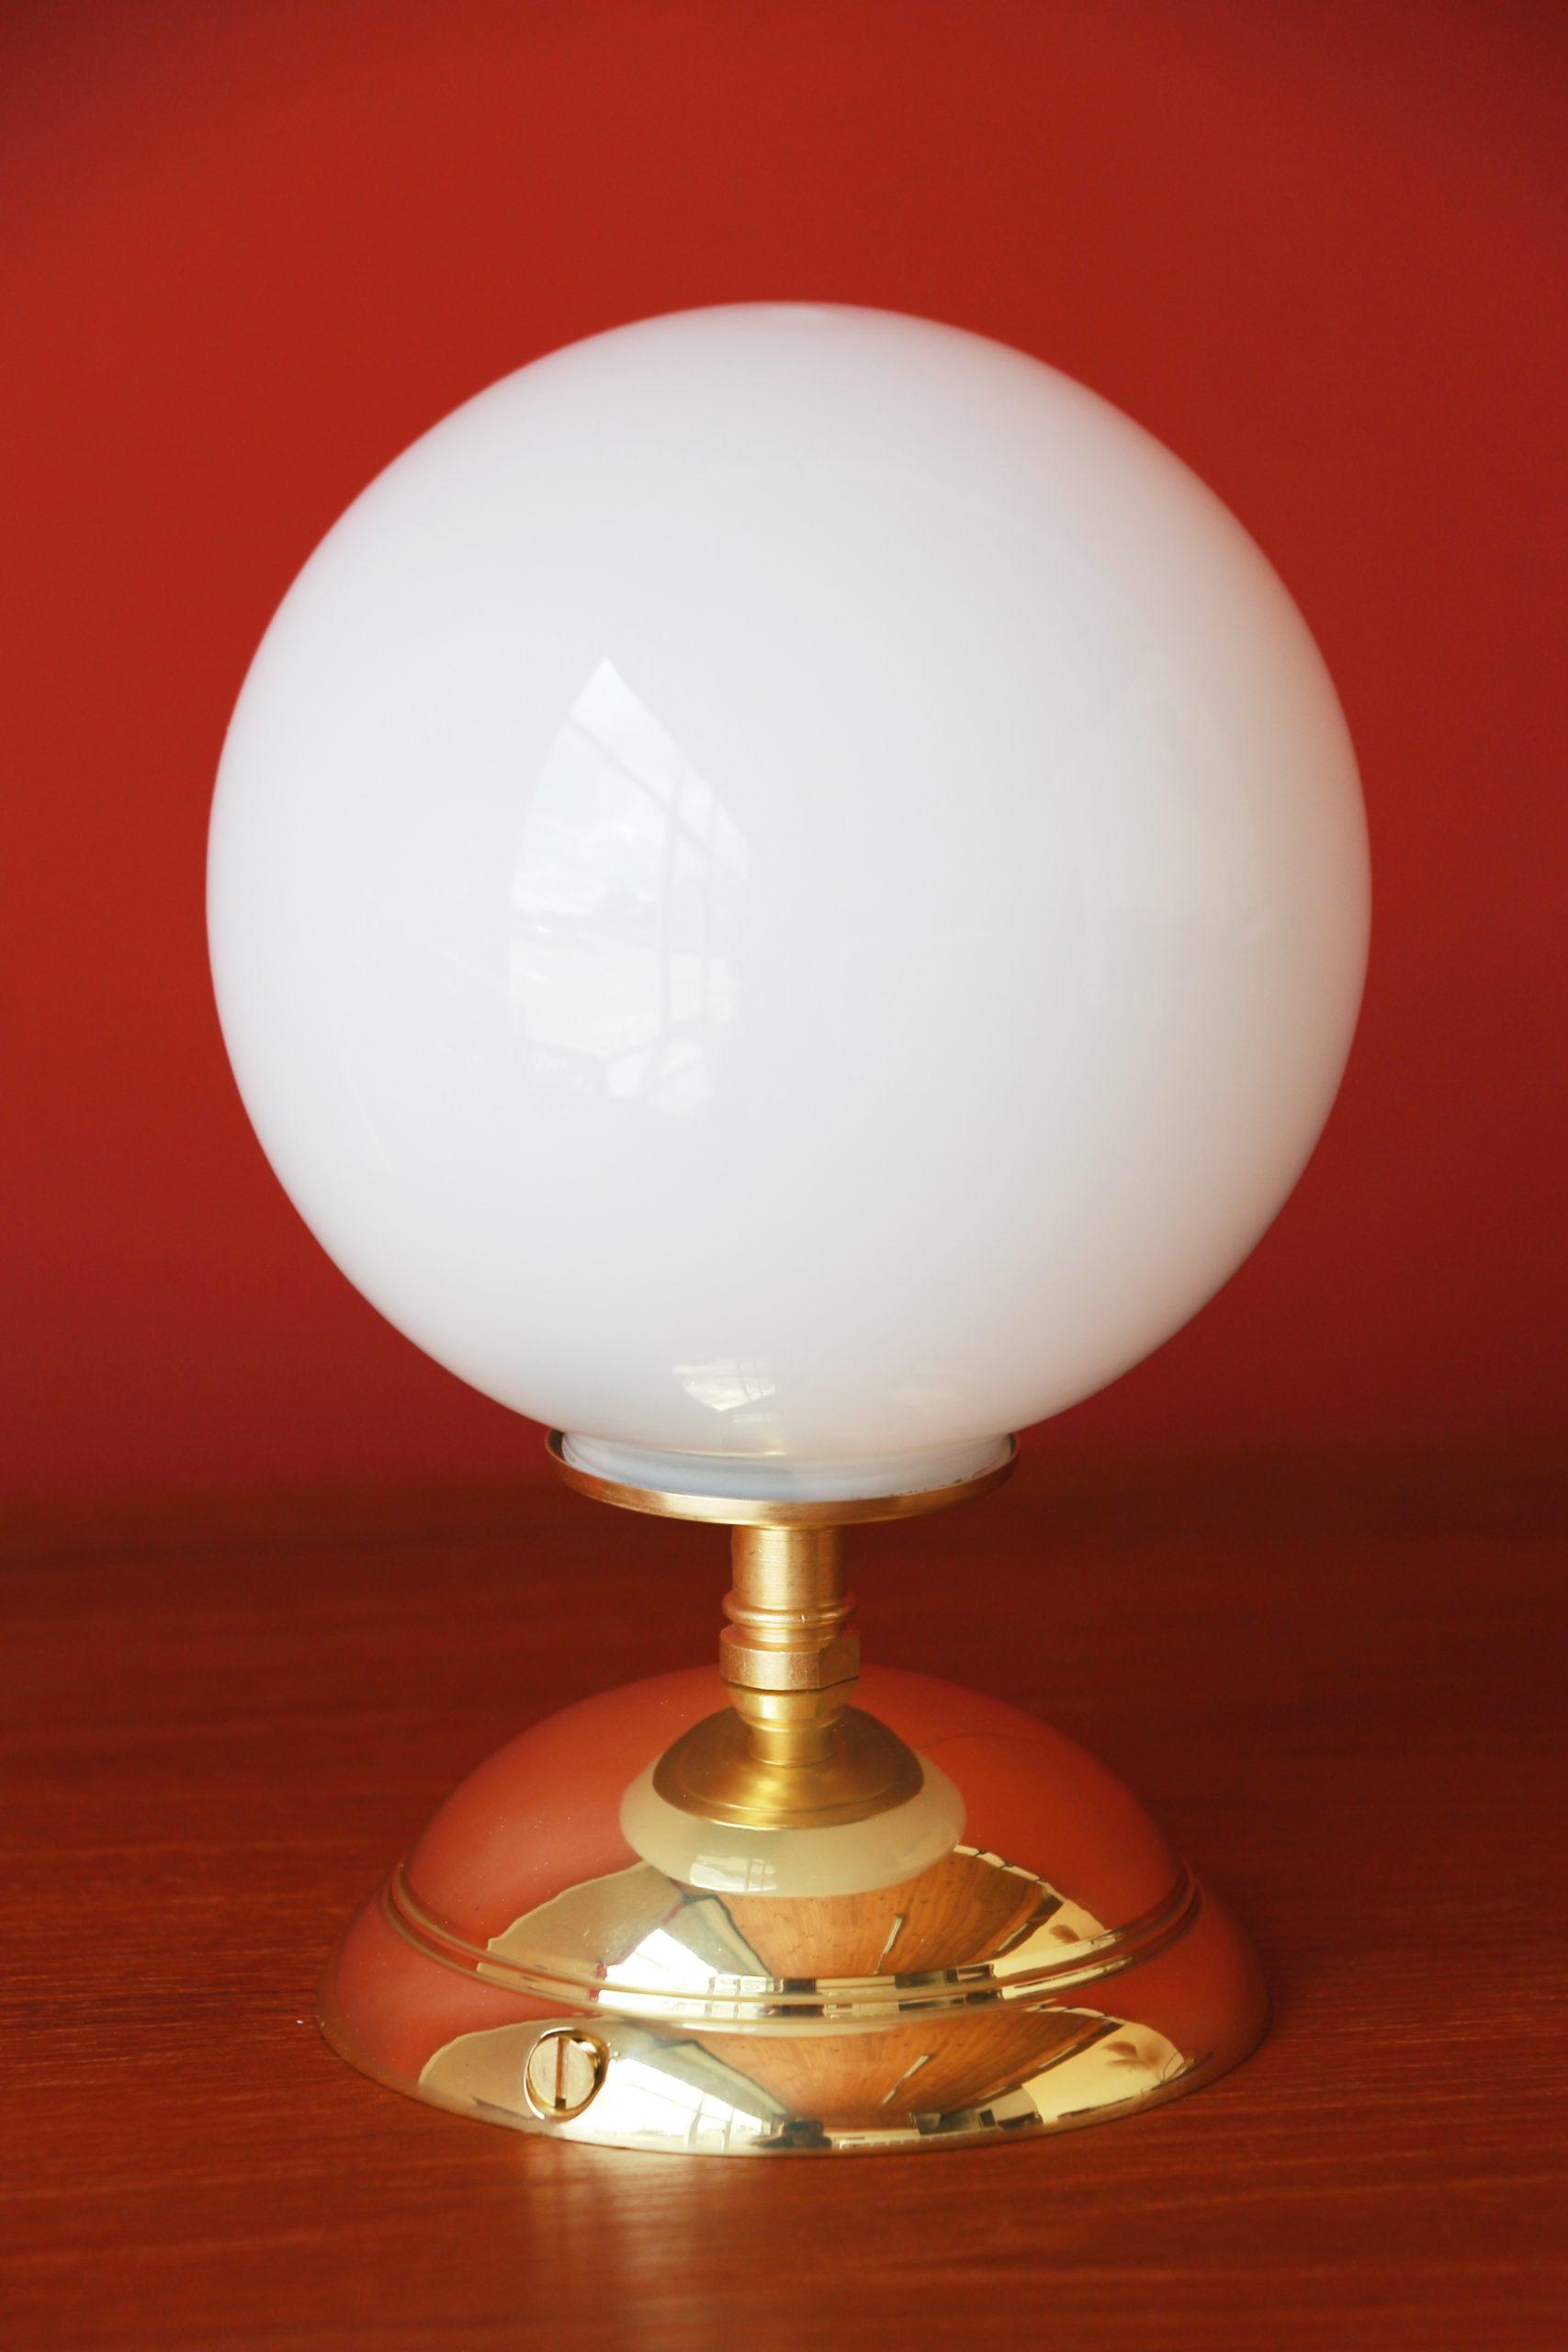 Lampe vintage avec un socle